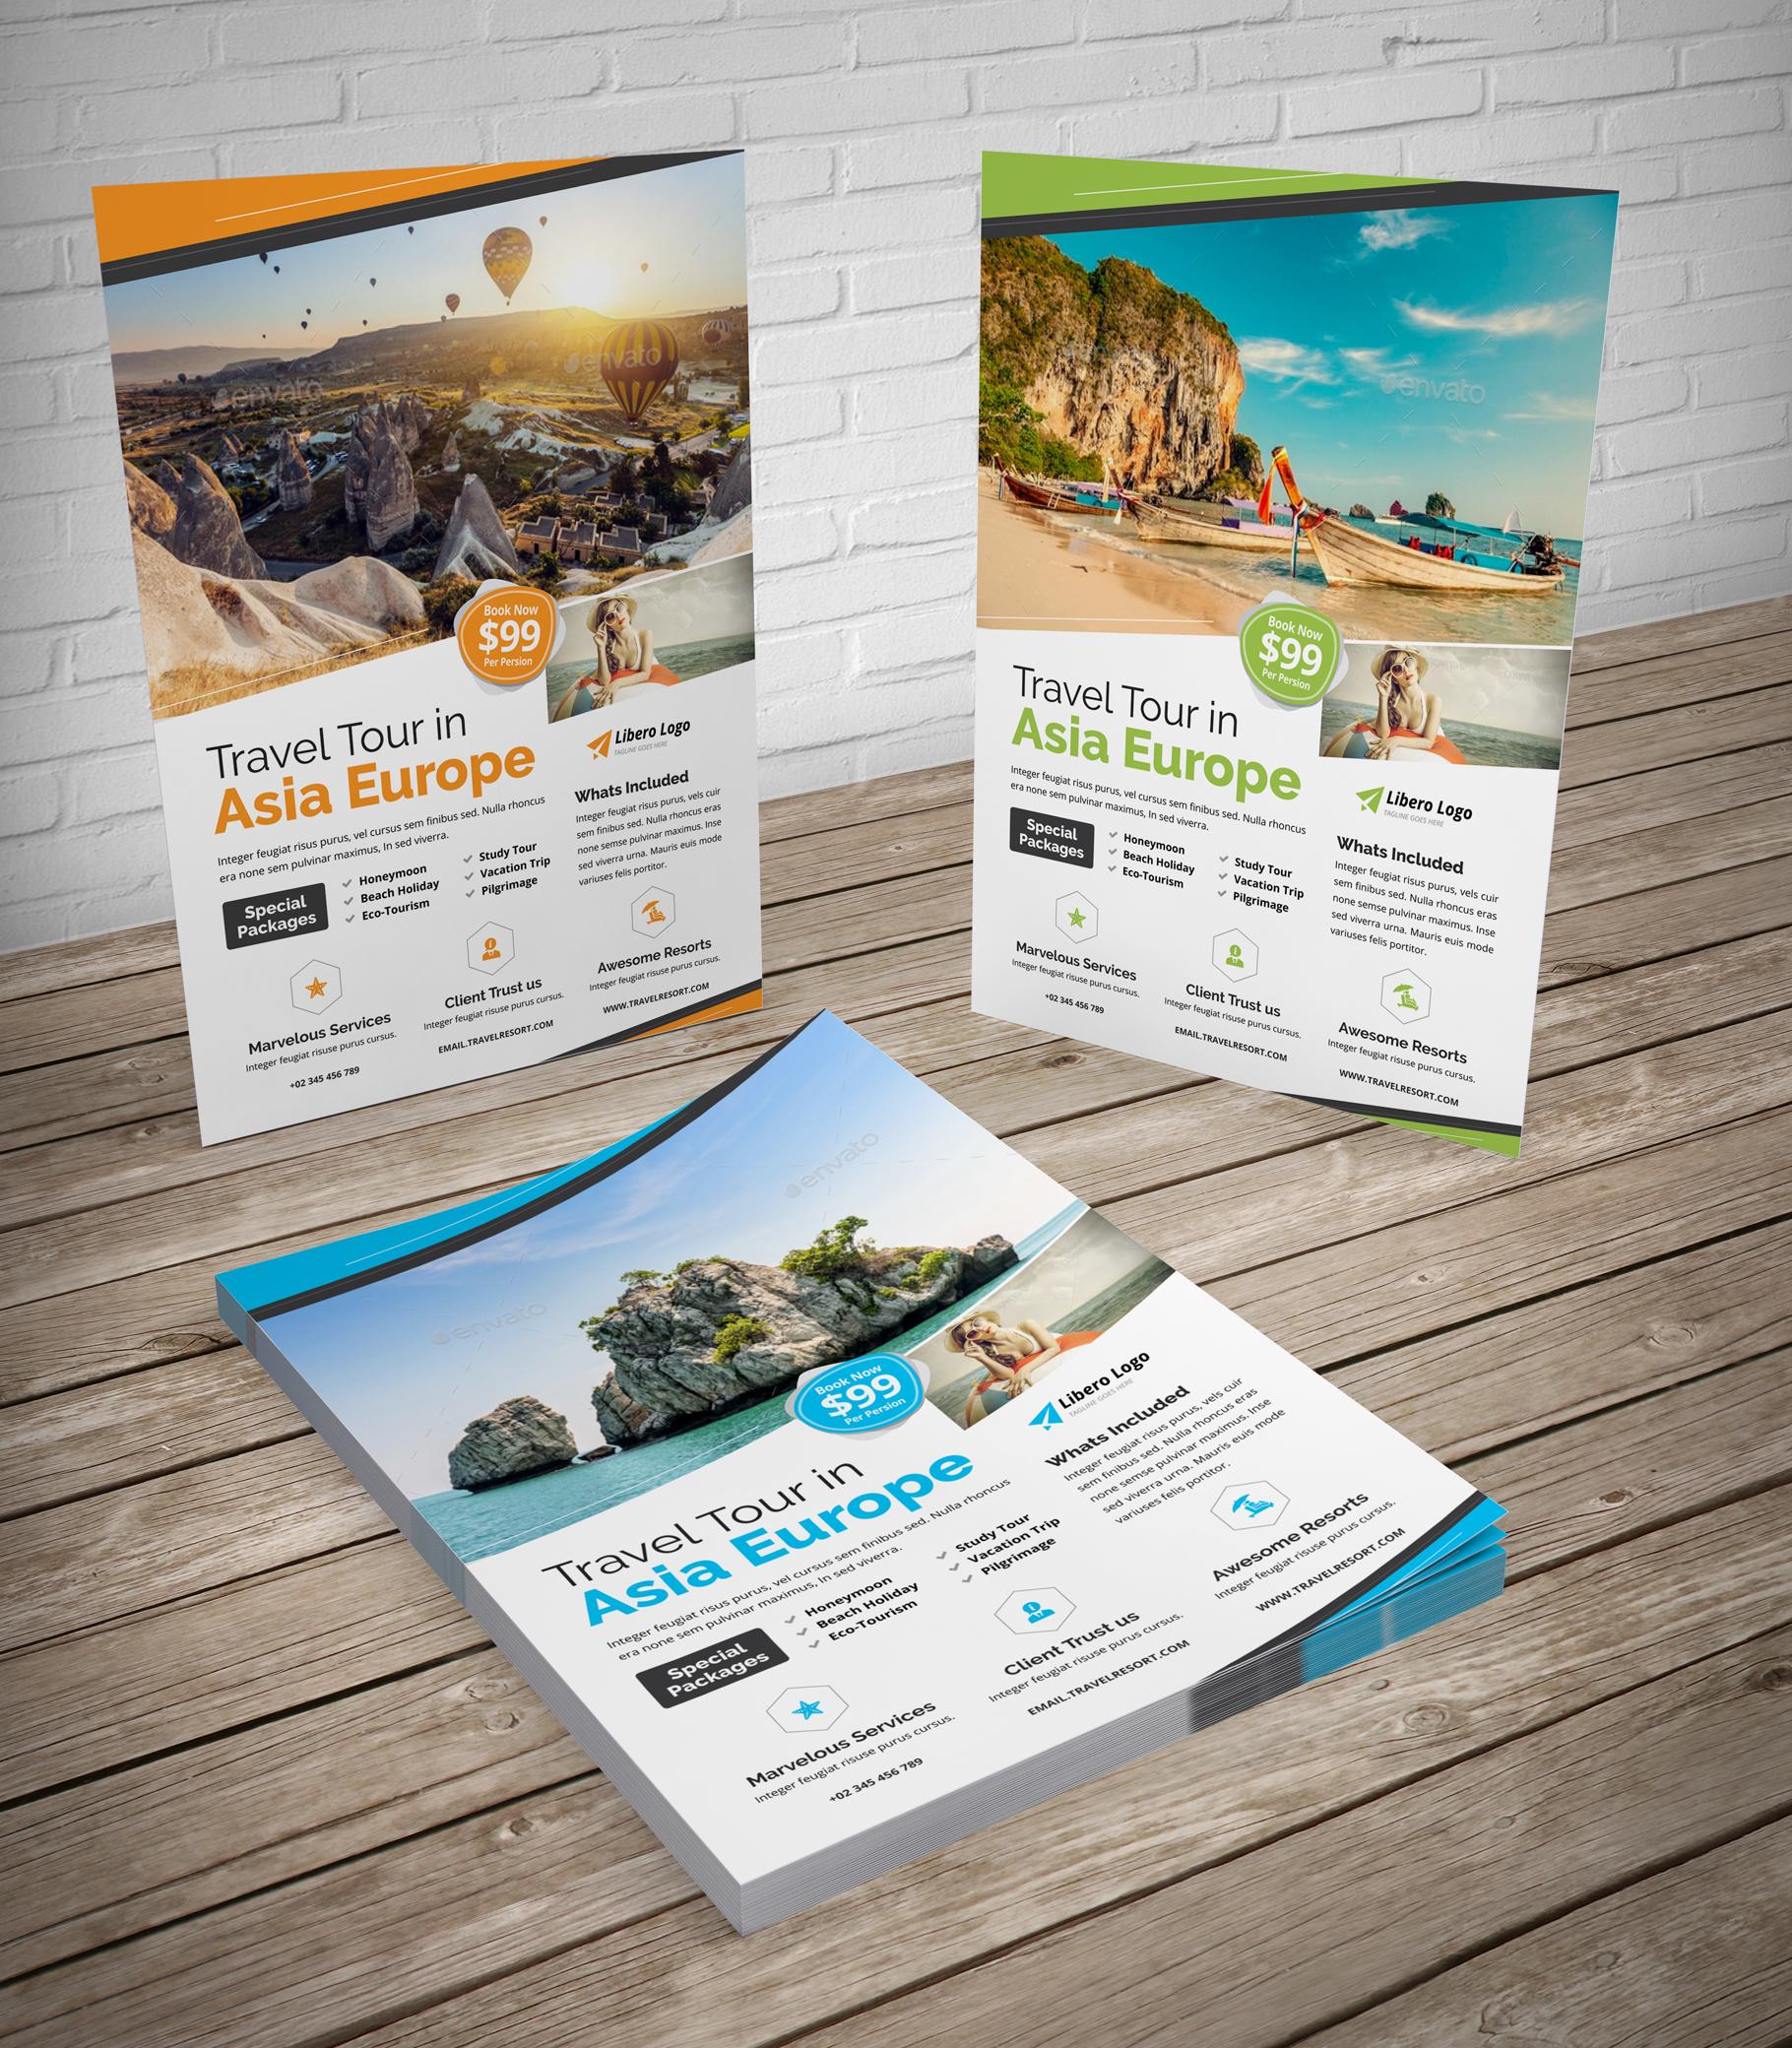 Travel Resort Flyer Design v2 example image 2